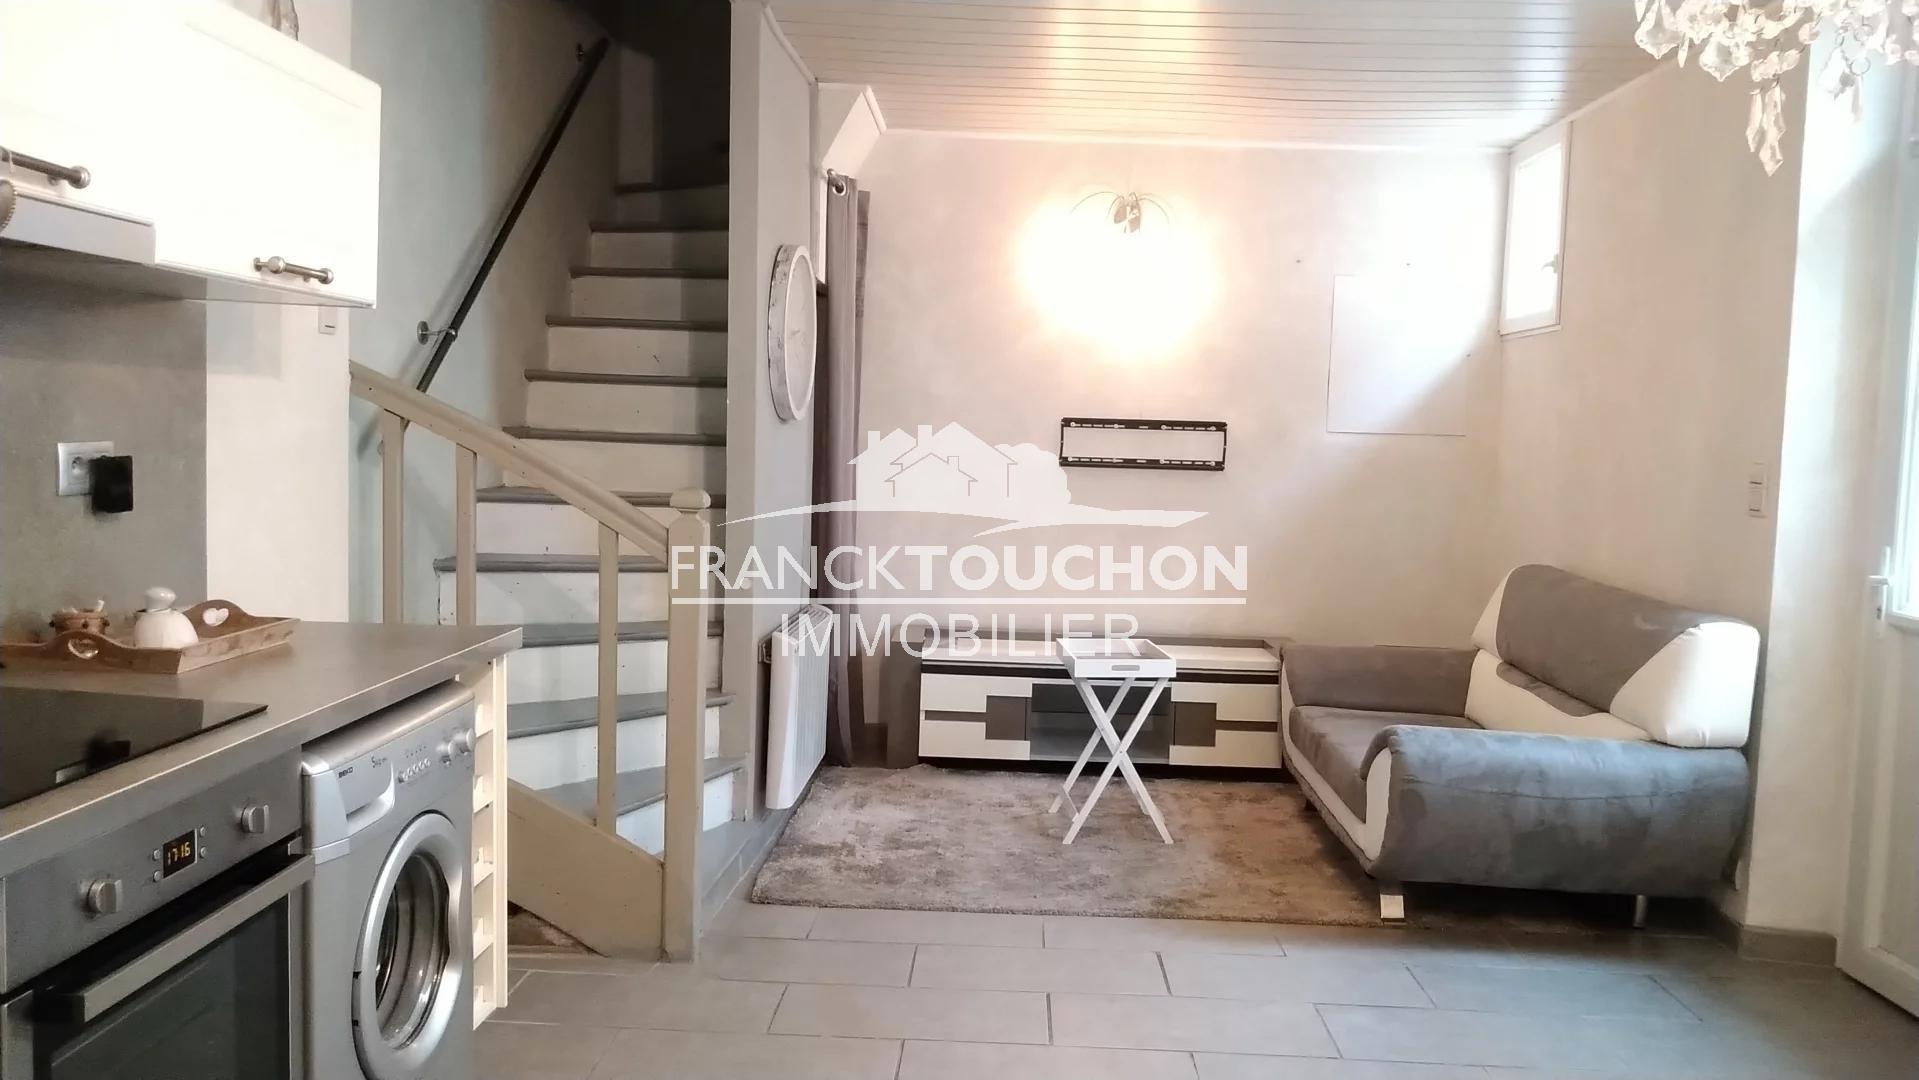 Maison sans terrain SH  52 m²